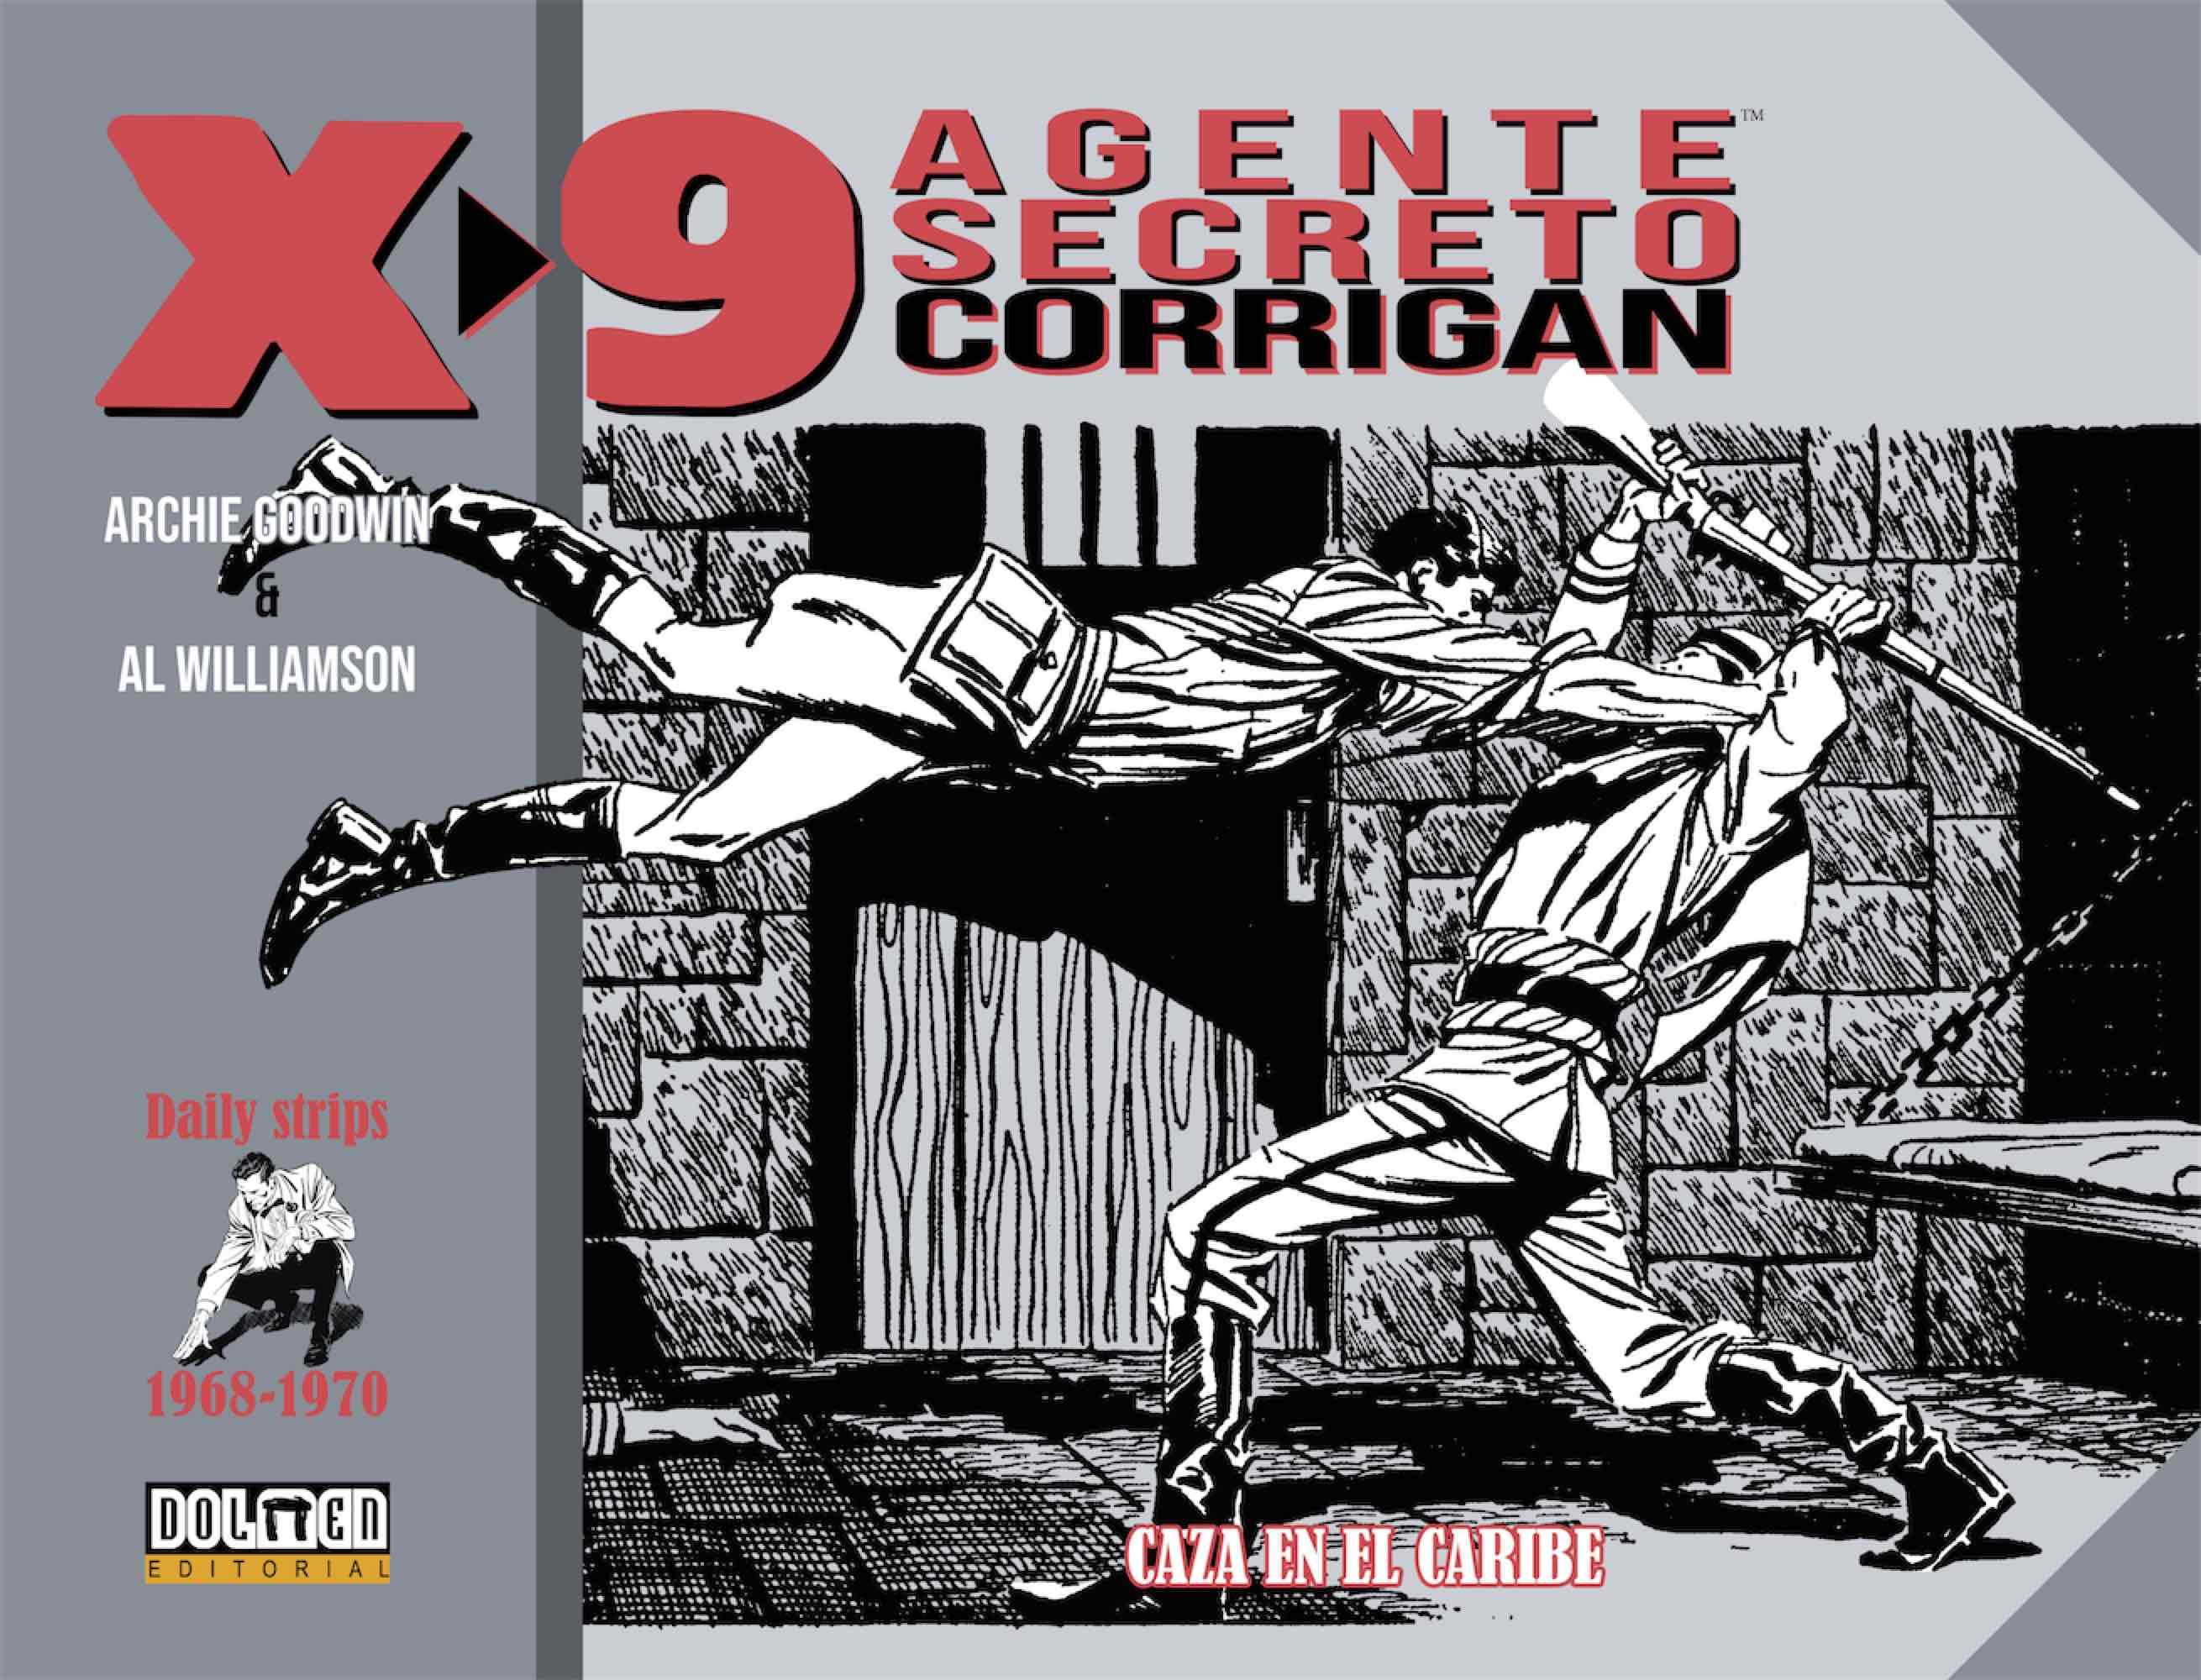 AGENTE SECRETO X-9. (1968-1970)